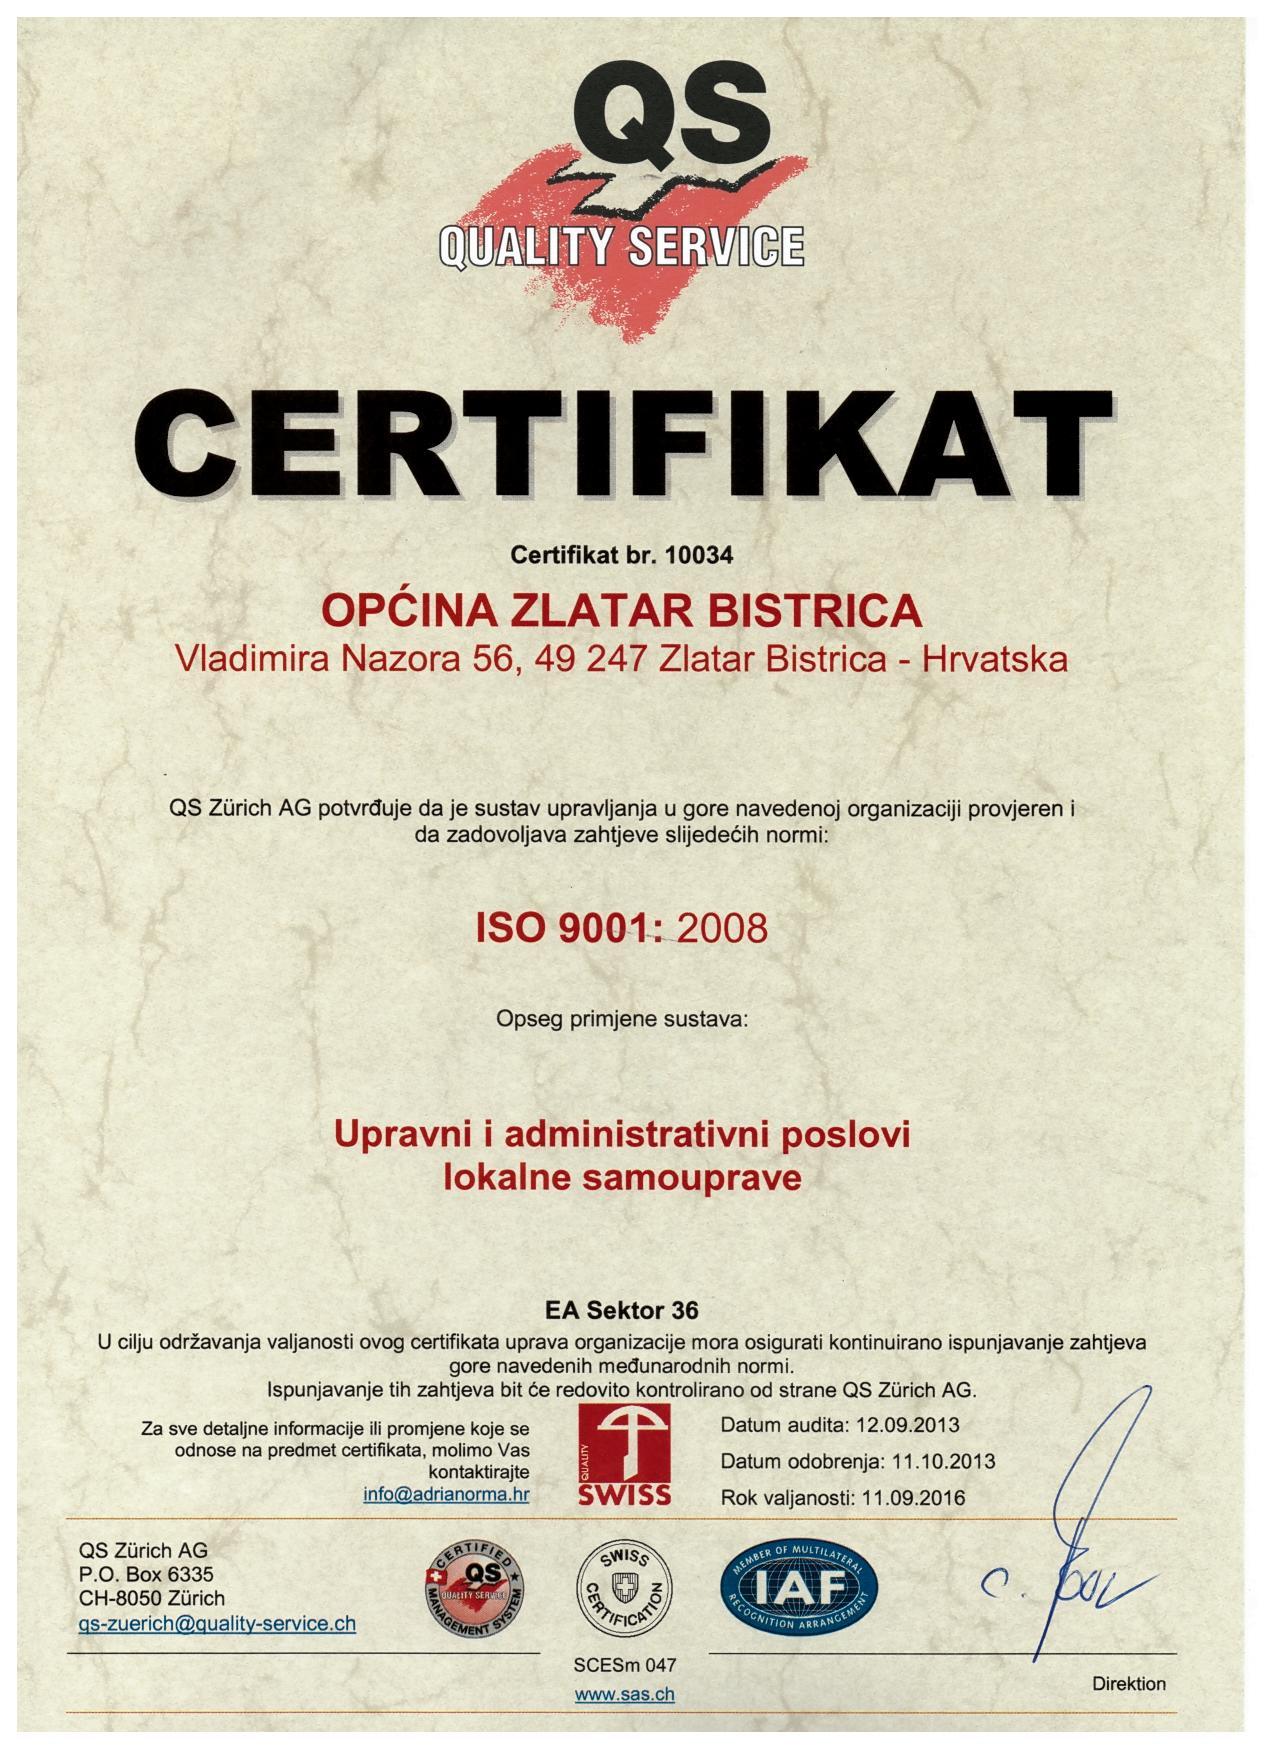 Općina Zlatar Bistrica za svoj rad i dostignute standarde dobila priznanje – Certifikat ISO 9001:2008